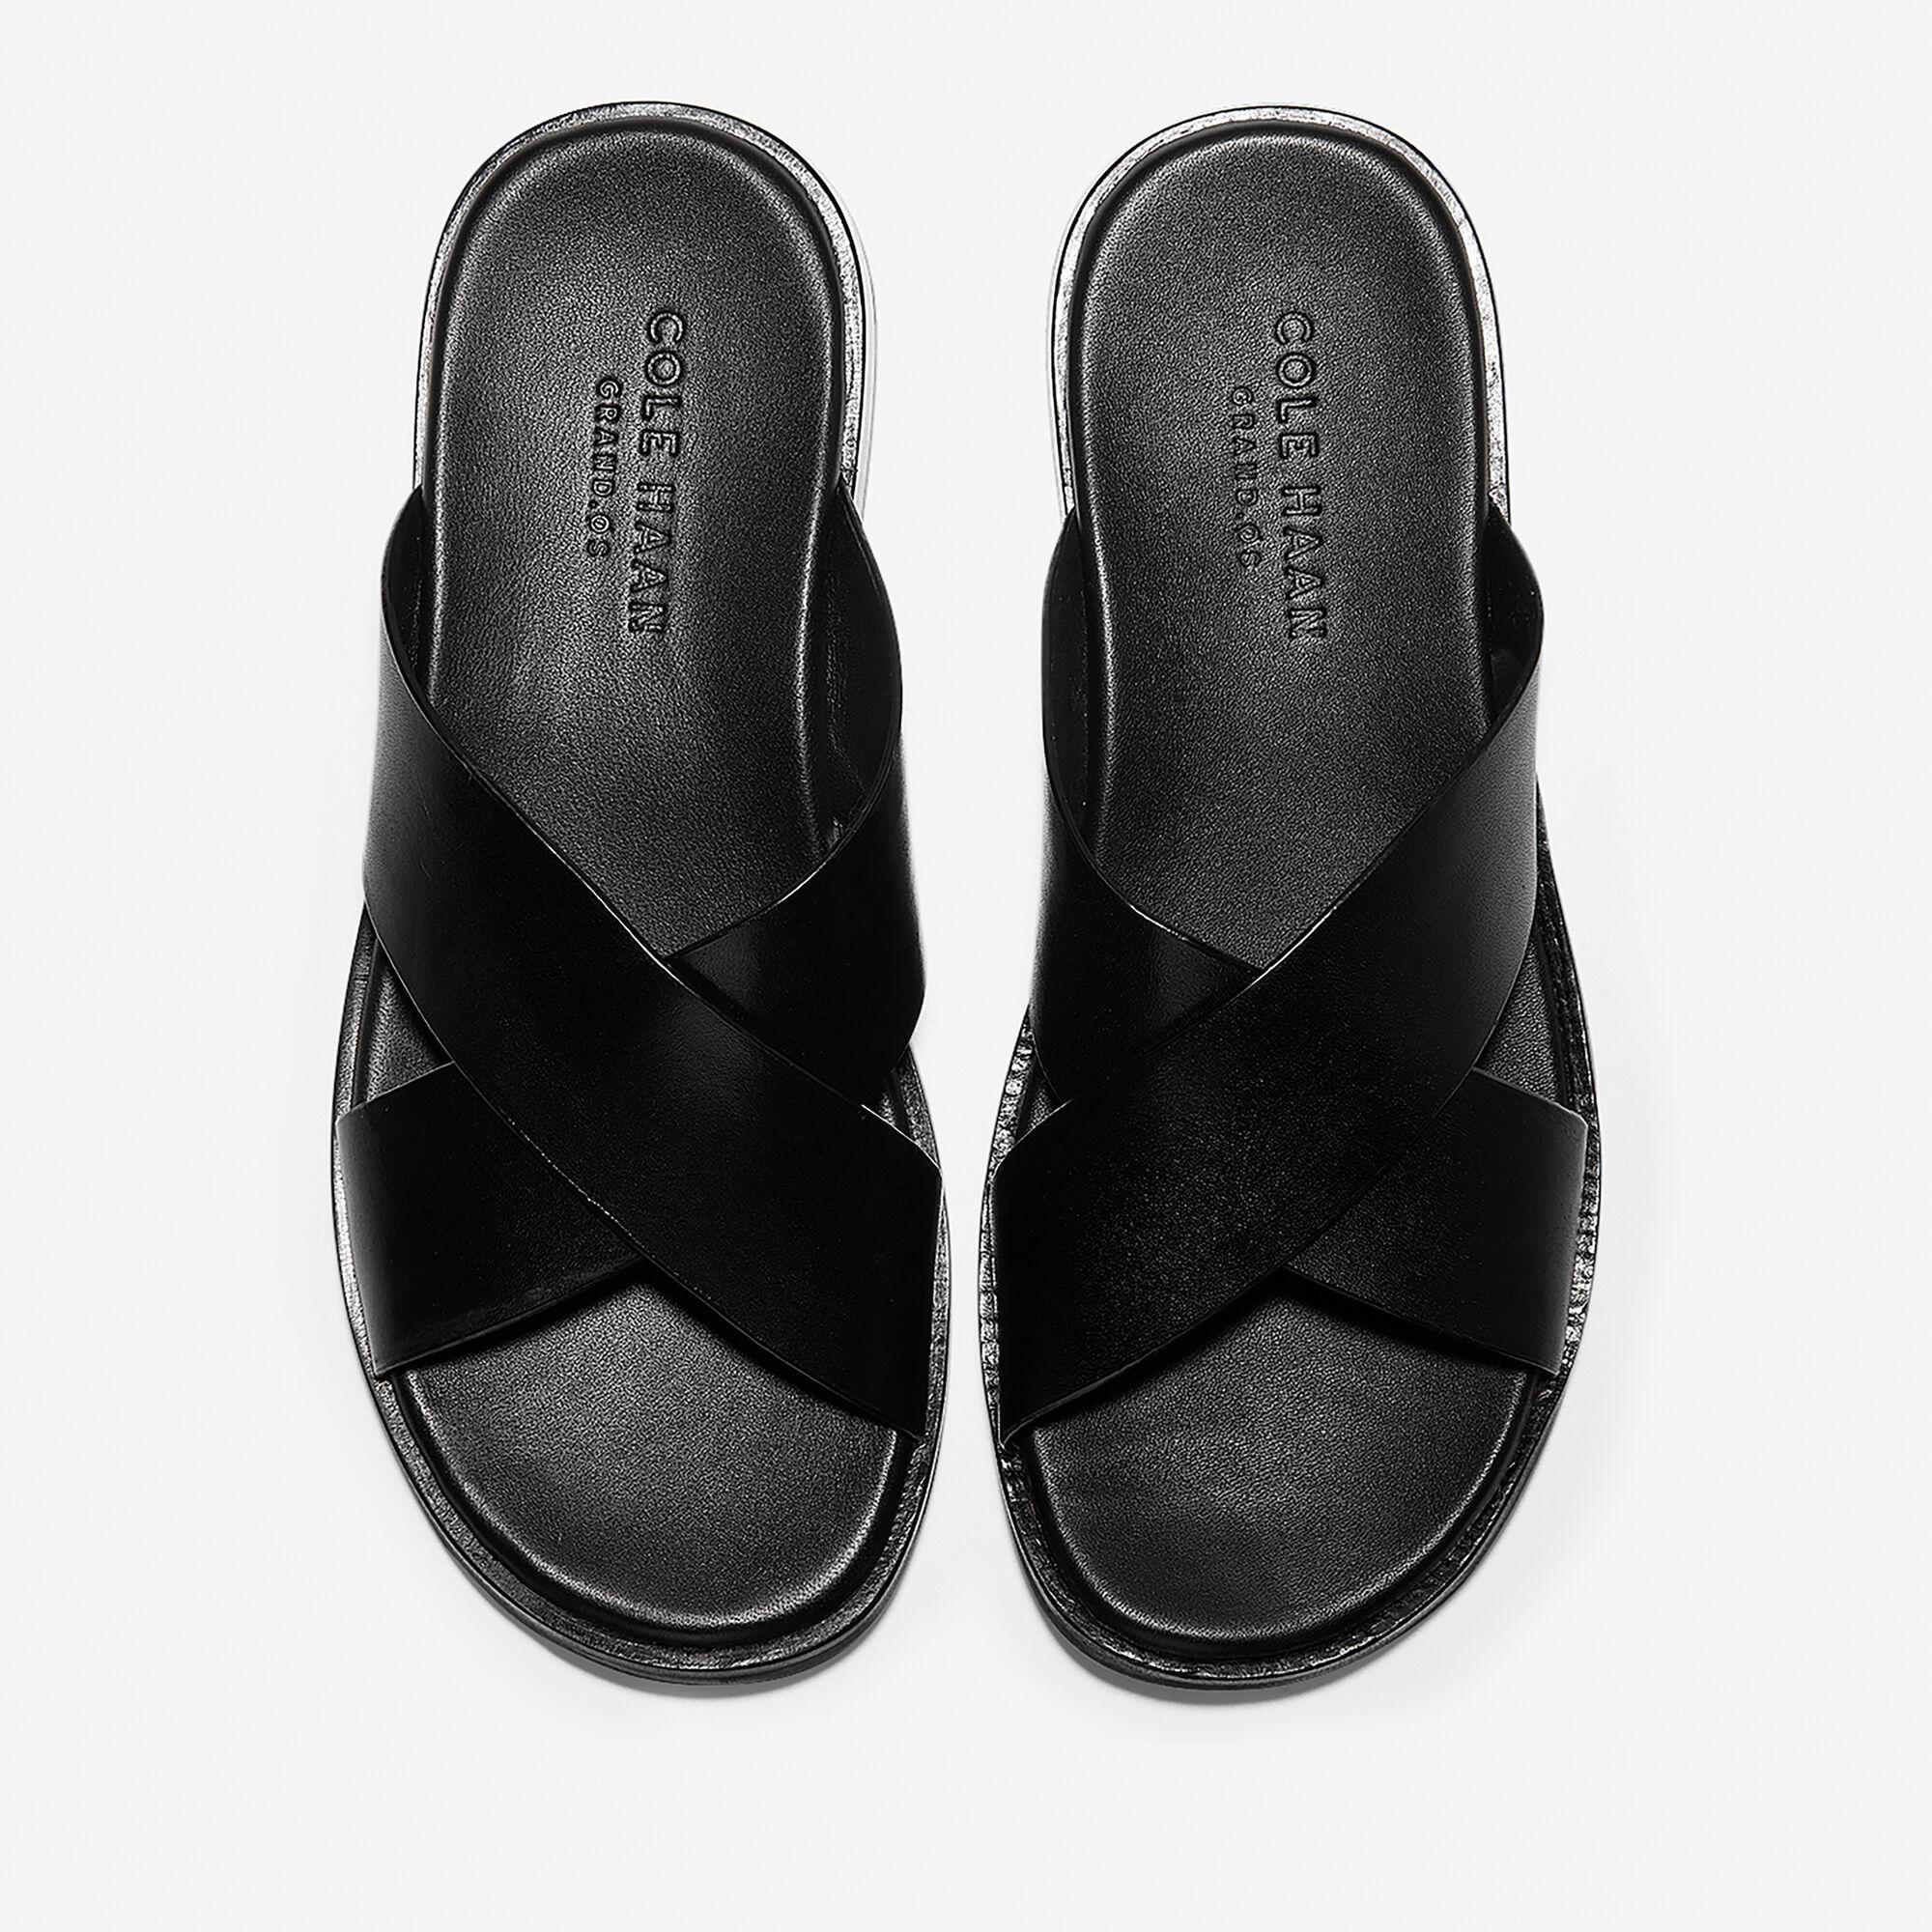 5f93bcc52156 Goldwyn 2.0 Crisscross Sandal · Goldwyn 2.0 Crisscross Sandal · Goldwyn 2.0  Crisscross Sandal · Goldwyn 2.0 Crisscross Sandal.  COLEHAAN